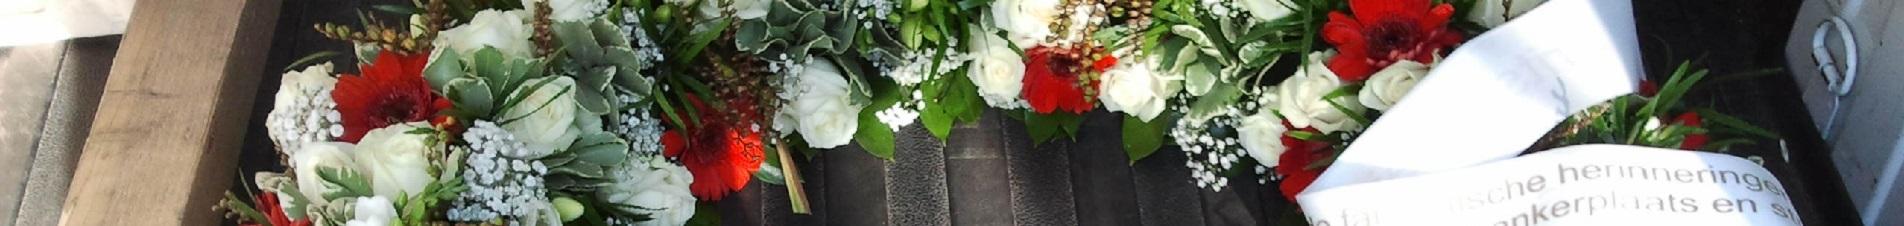 bloemen versturen naar  rouwkransen